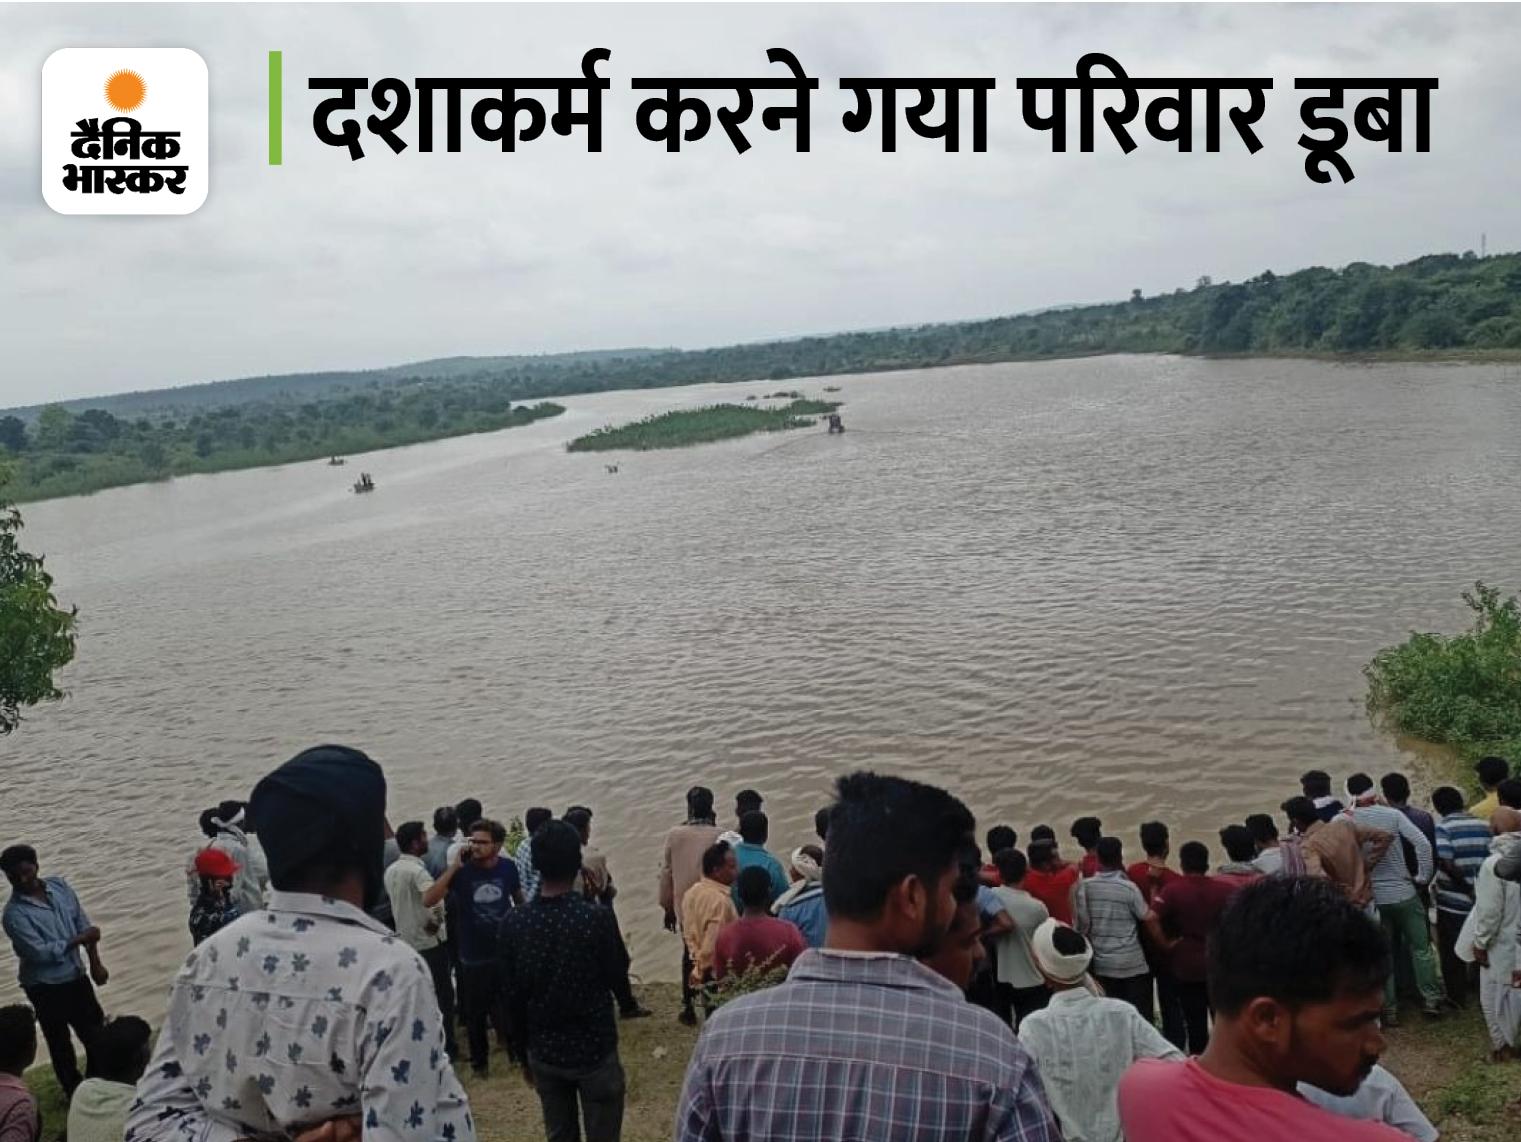 अमरावती की वर्धा नदी में नाव पलटी, एक ही परिवार के 11 लोग डूबे; बच्ची सहित 3 के शव मिले|देश,National - Dainik Bhaskar